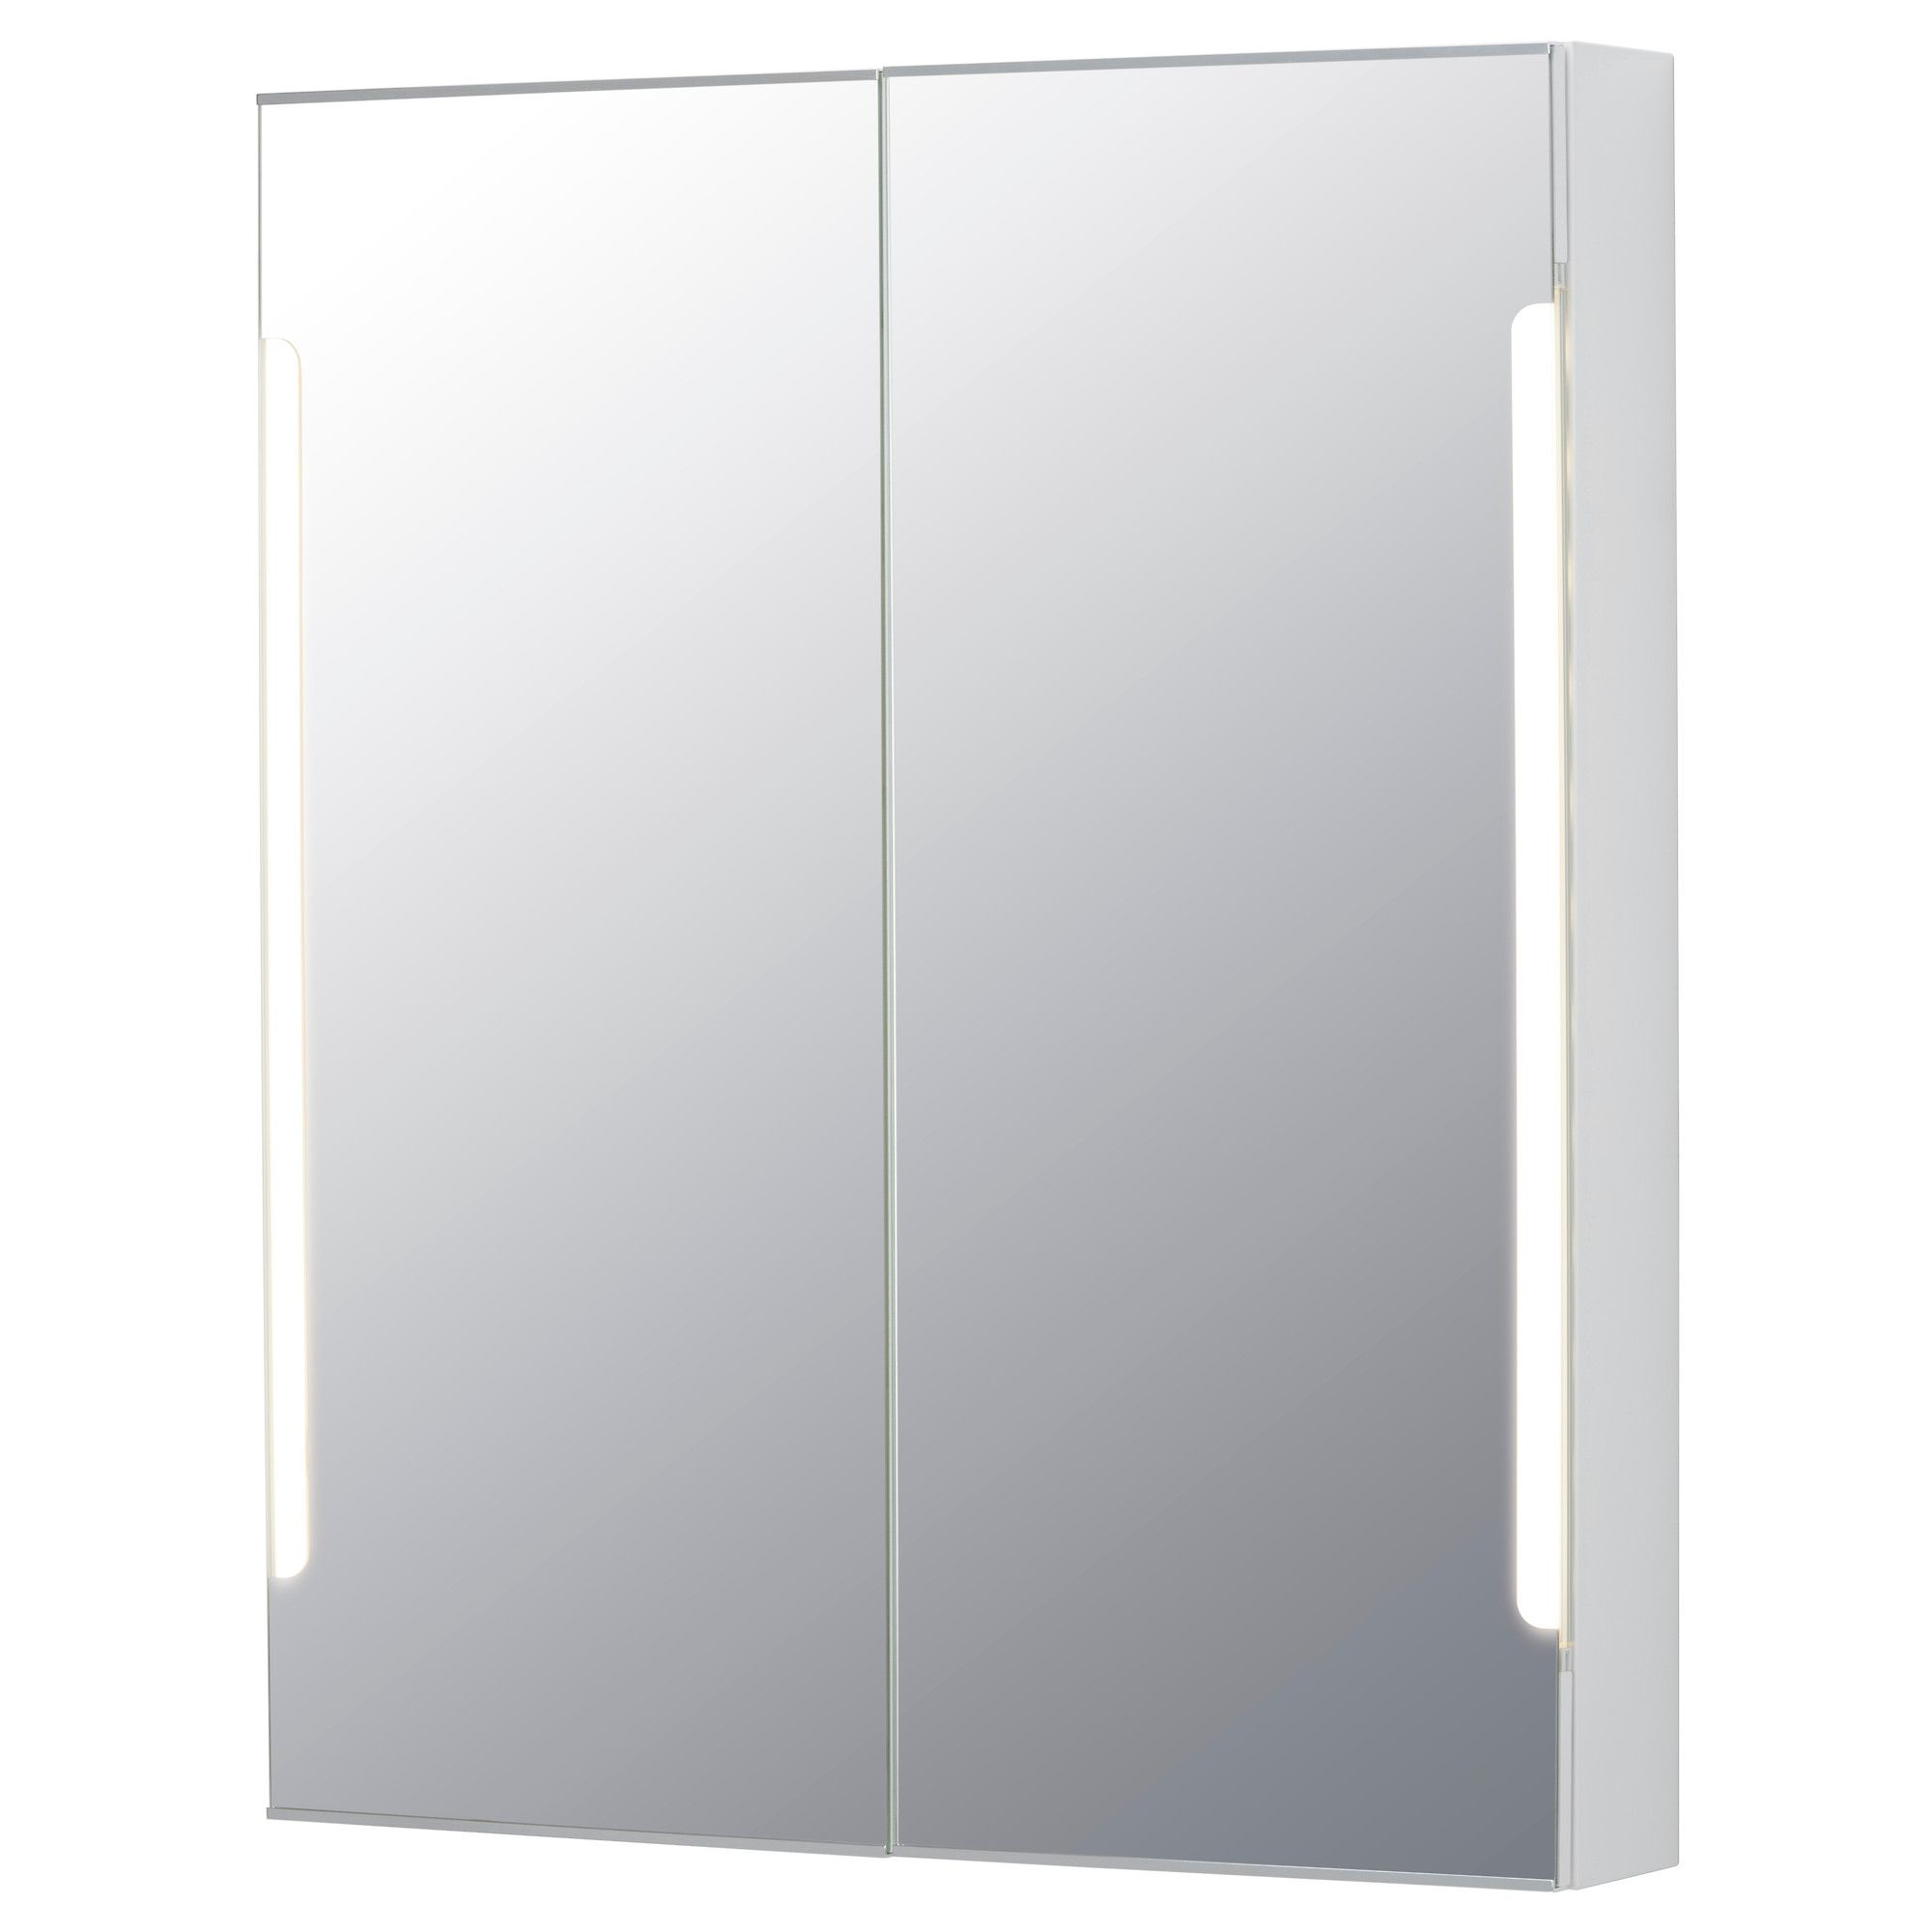 Storjorm Spiegelschrank M 2 Turen Int Bel Weiss Jetzt Bestellen Unter Https Moebel Laden Spiegelschrank Badezimmer Spiegelschrank Ikea Badezimmerschrank